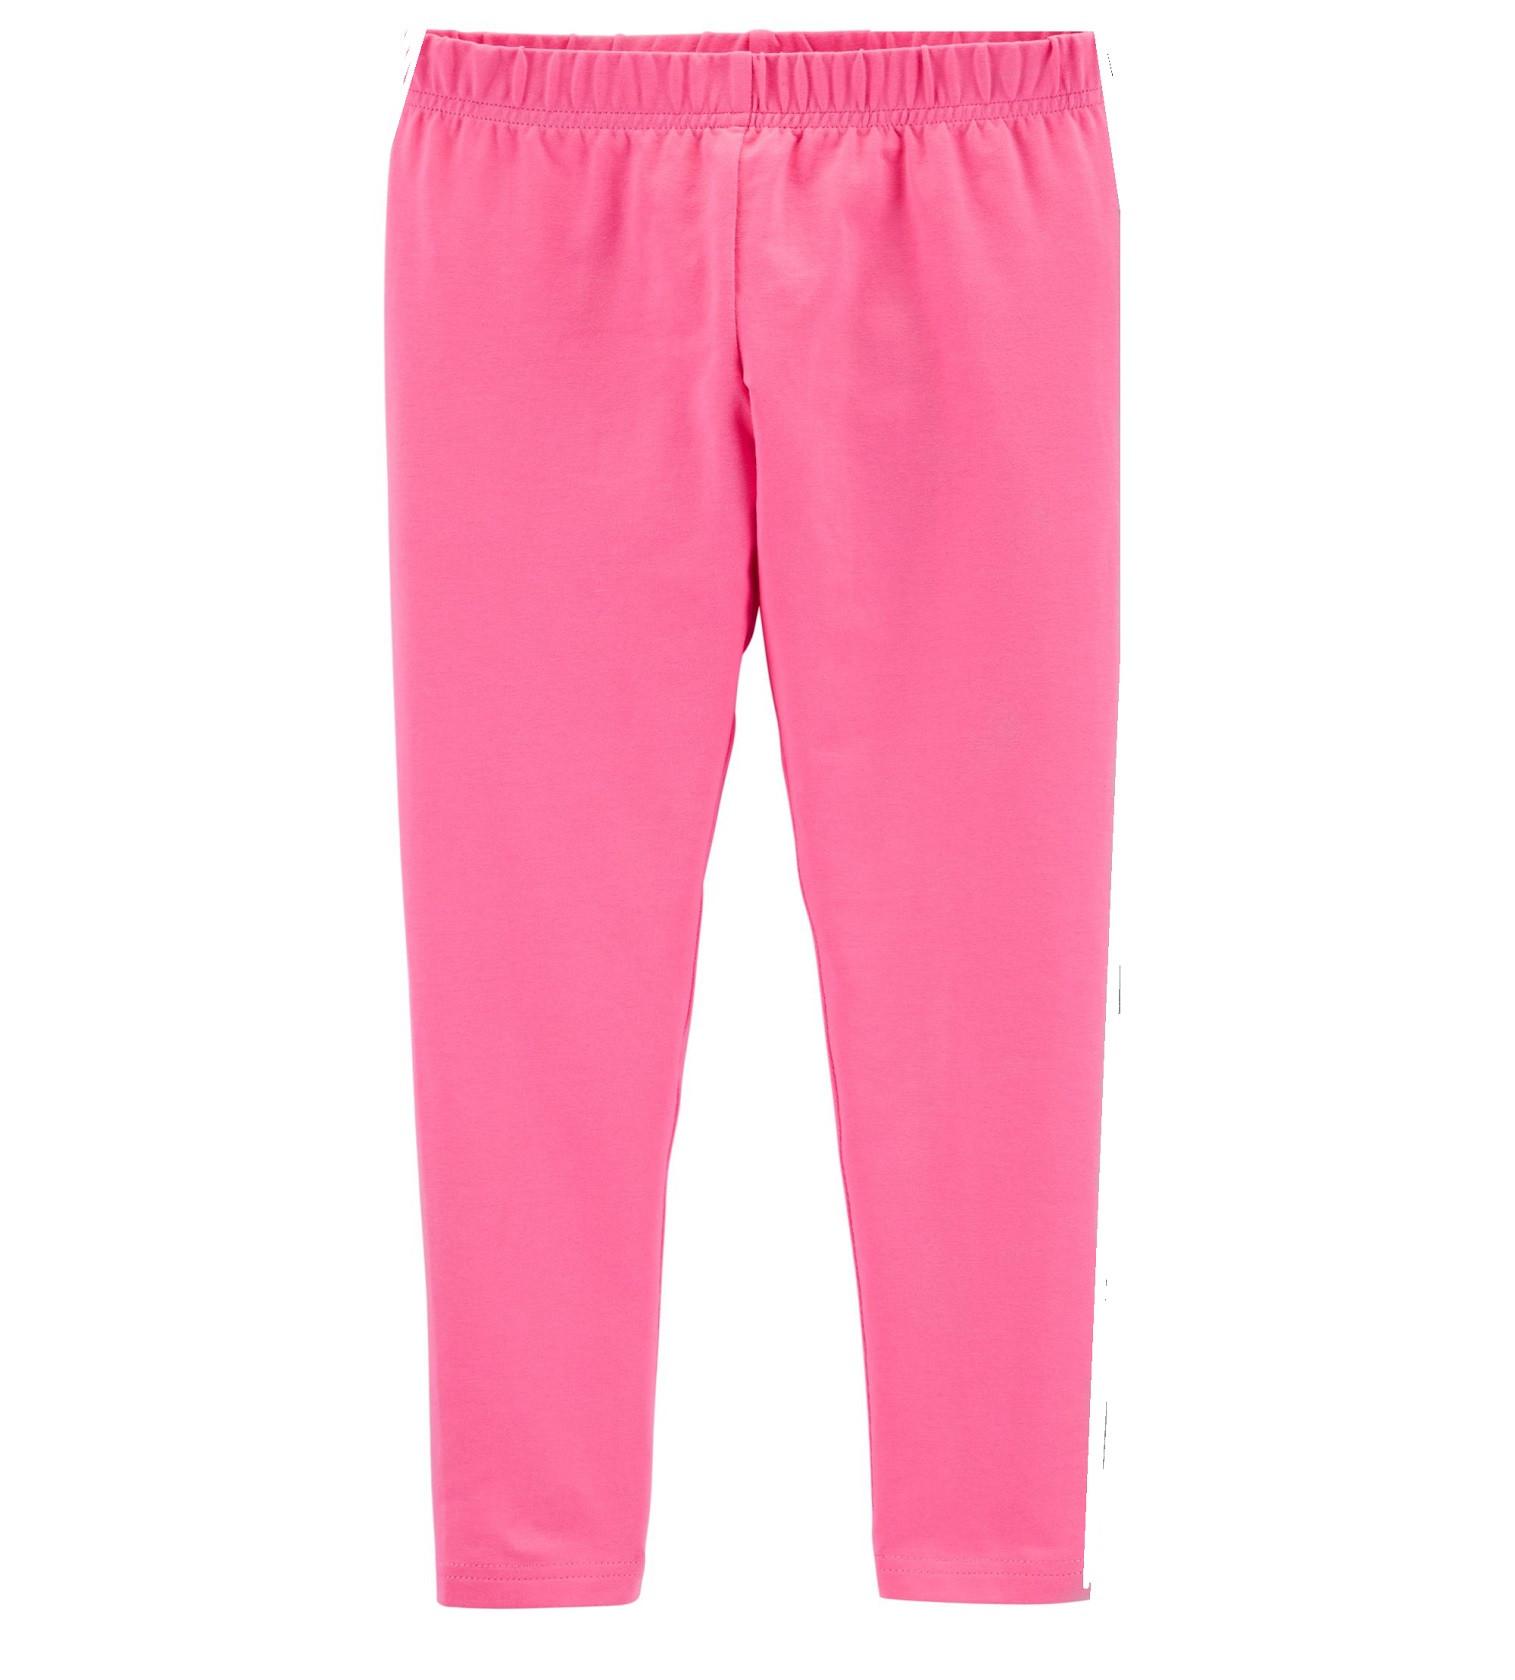 Купити Леггінси Carters Pink однотонні - фото 1